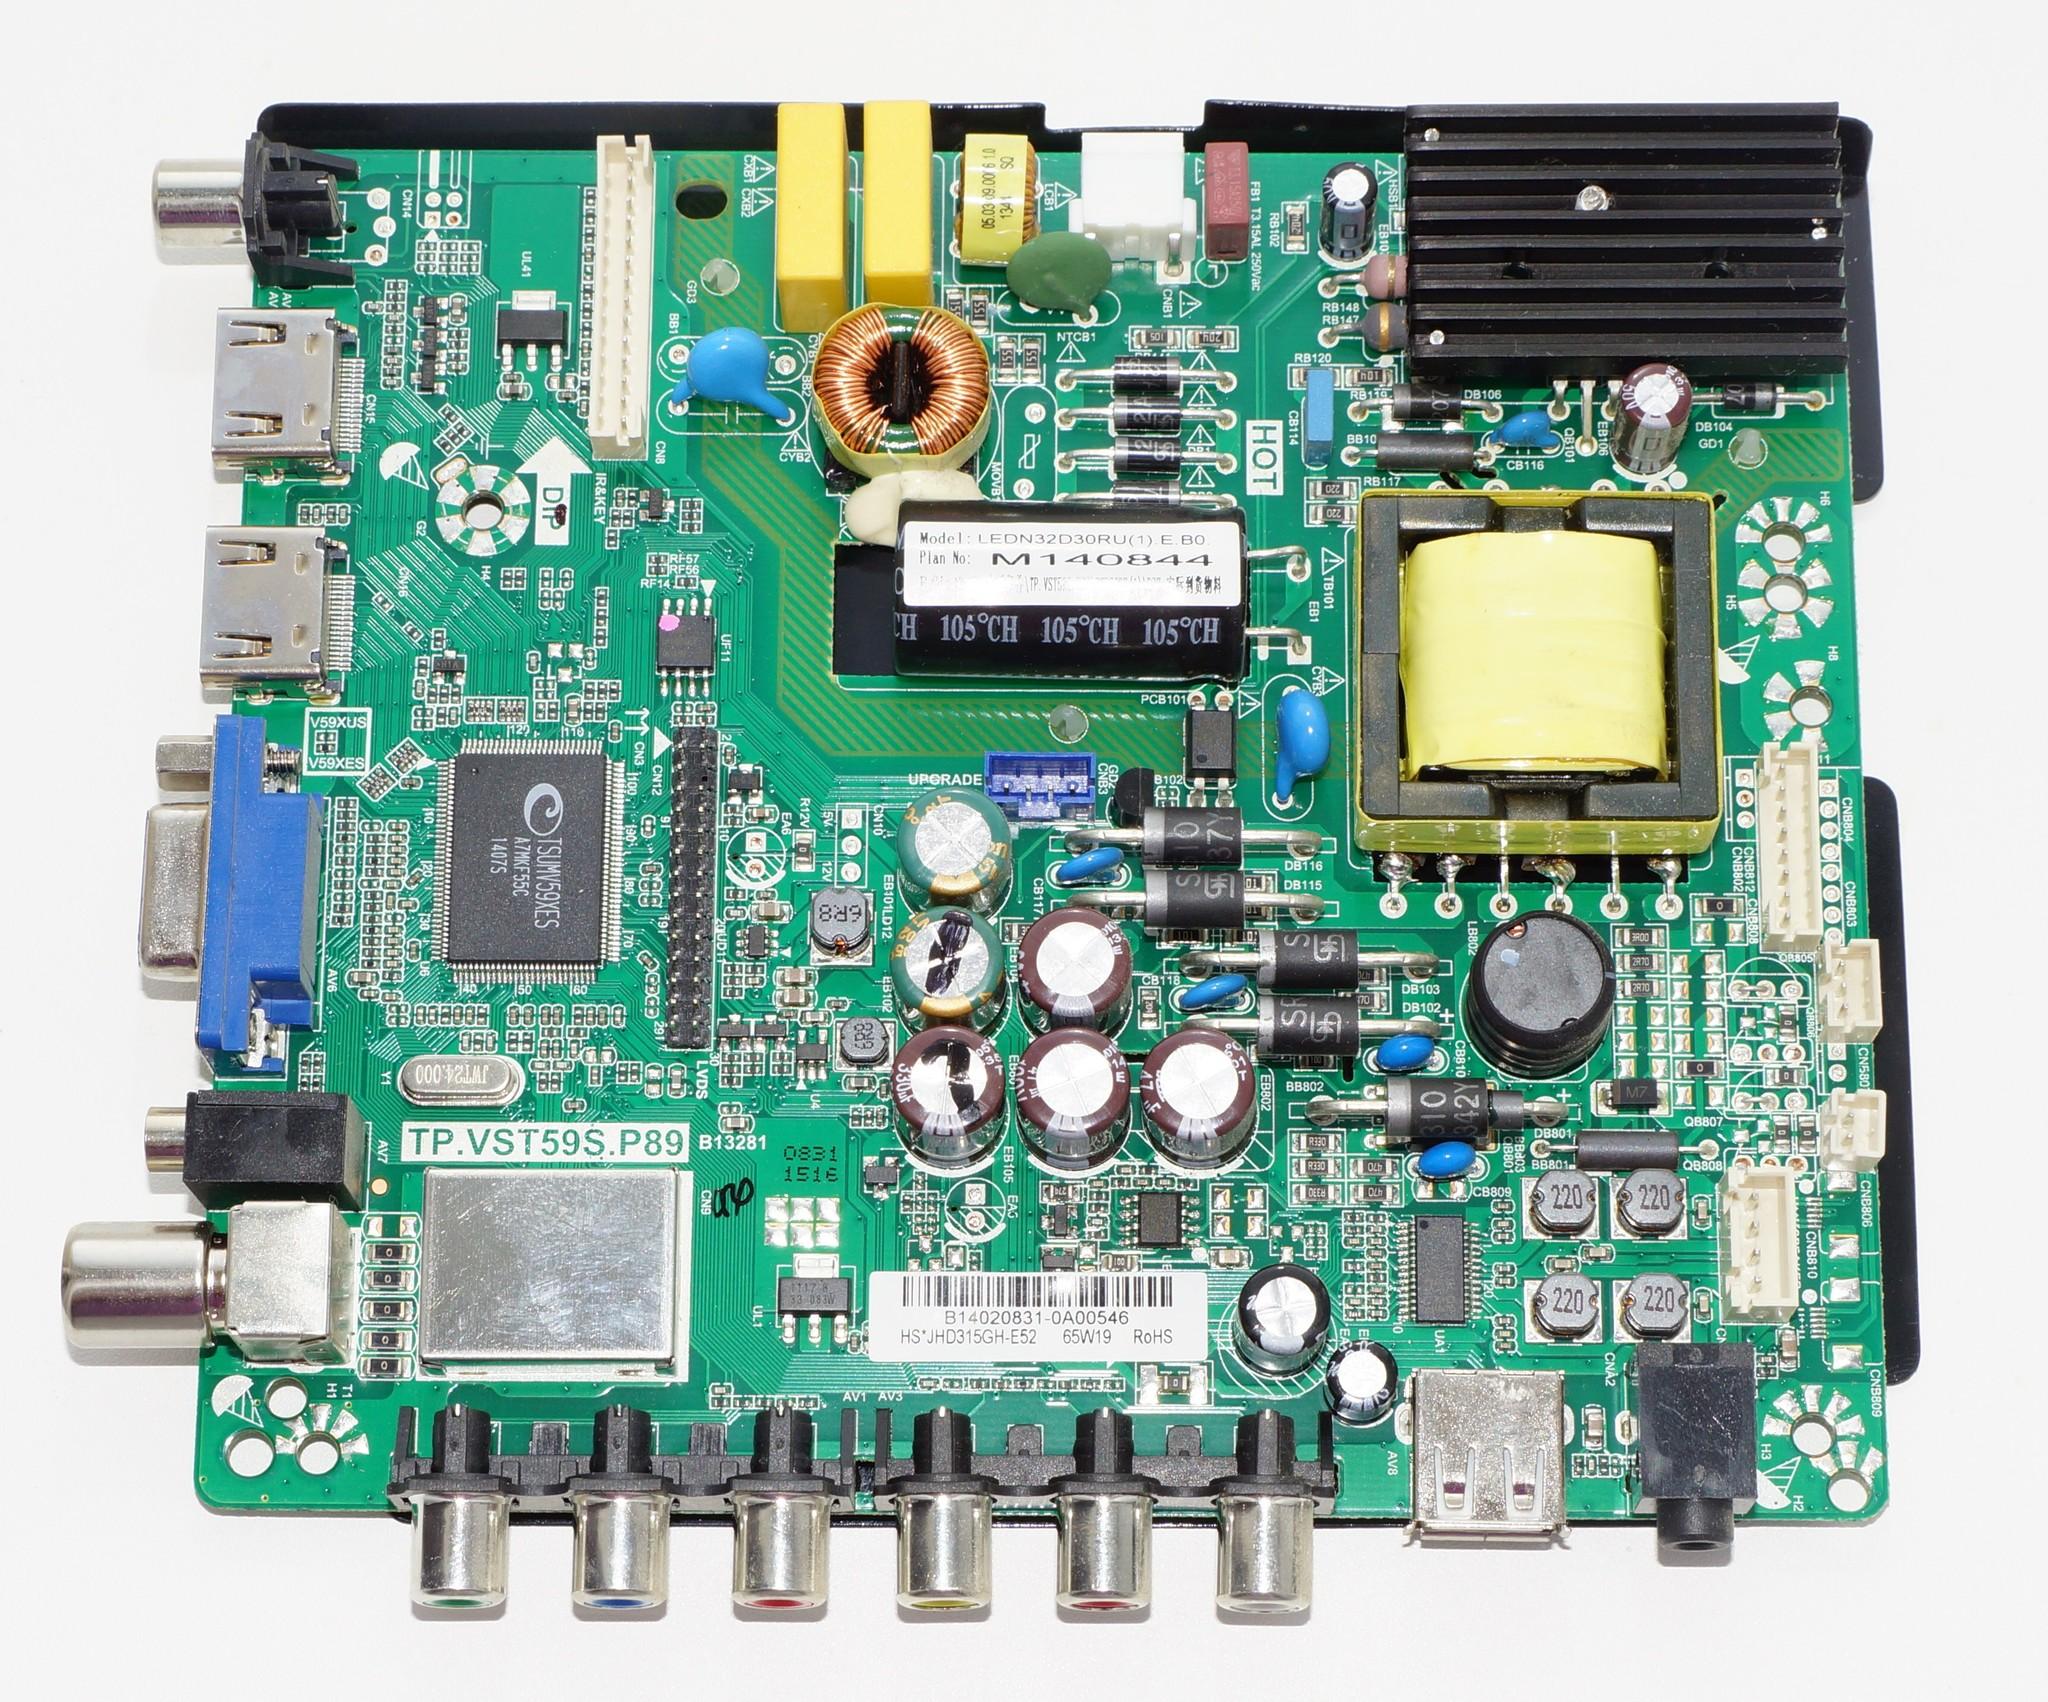 TP.VST59S.P89 mainboard телевизора Fusion, DNS